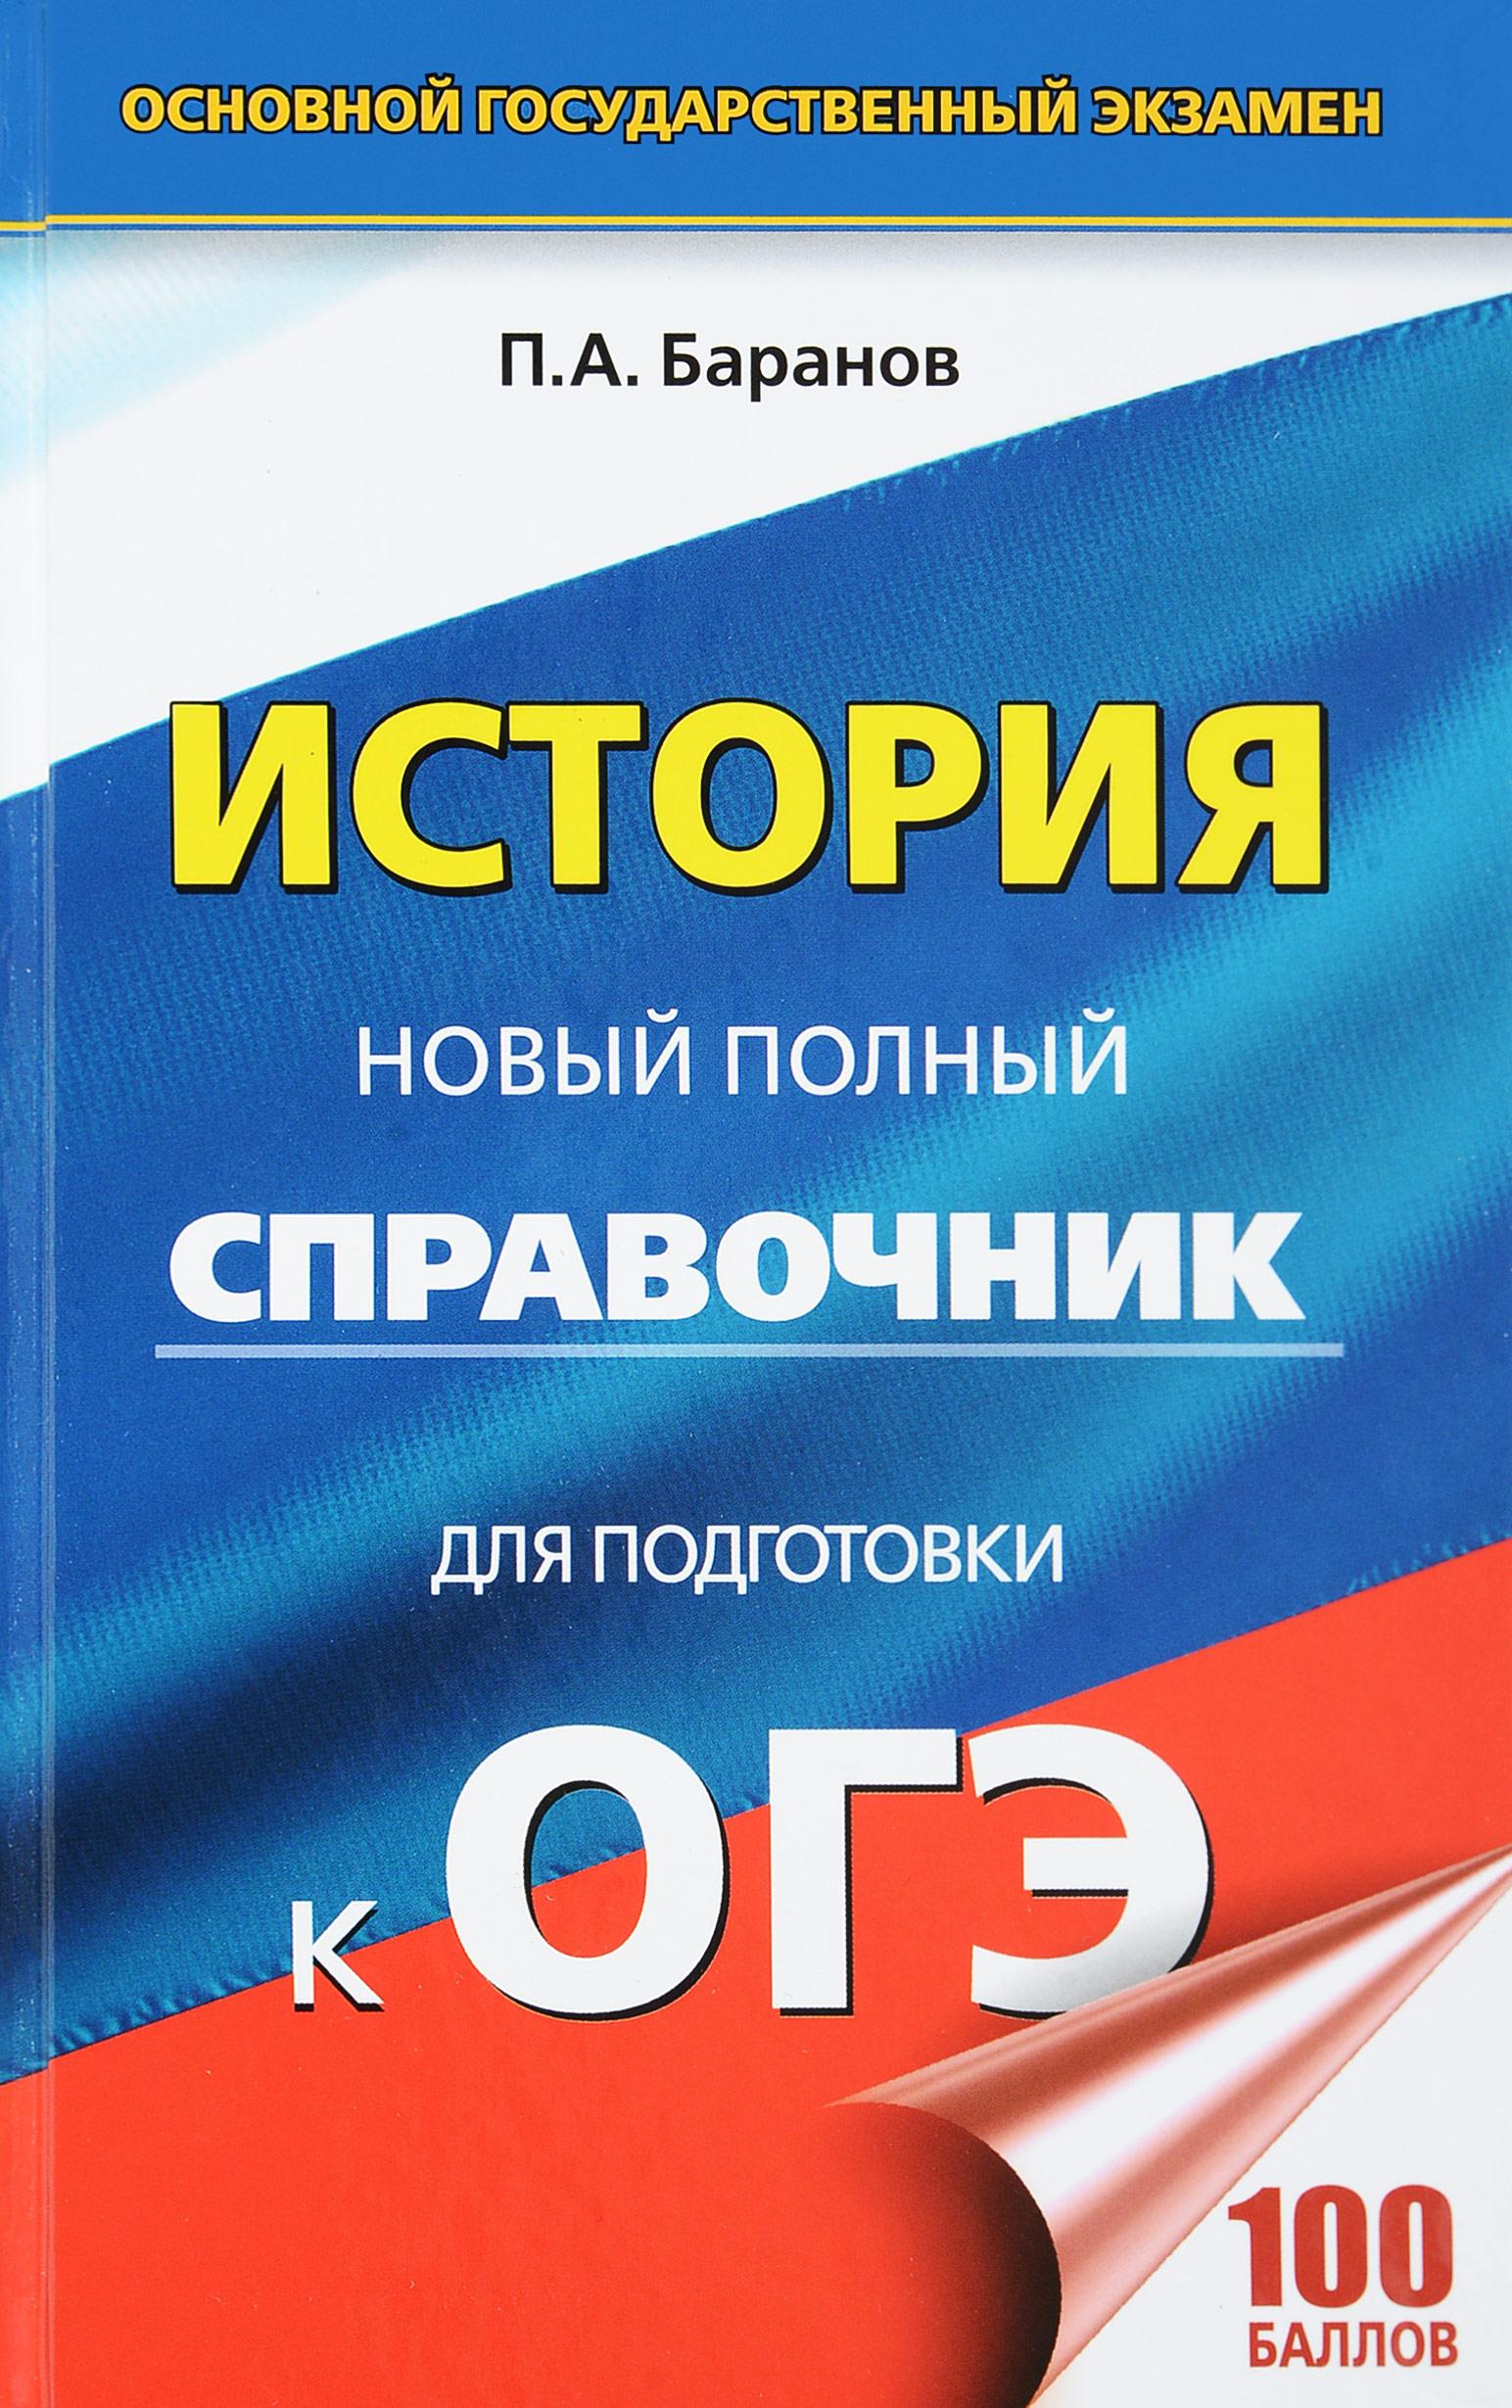 П. А. Баранов ОГЭ. История. Новый полный справочник для подготовки к ОГЭ